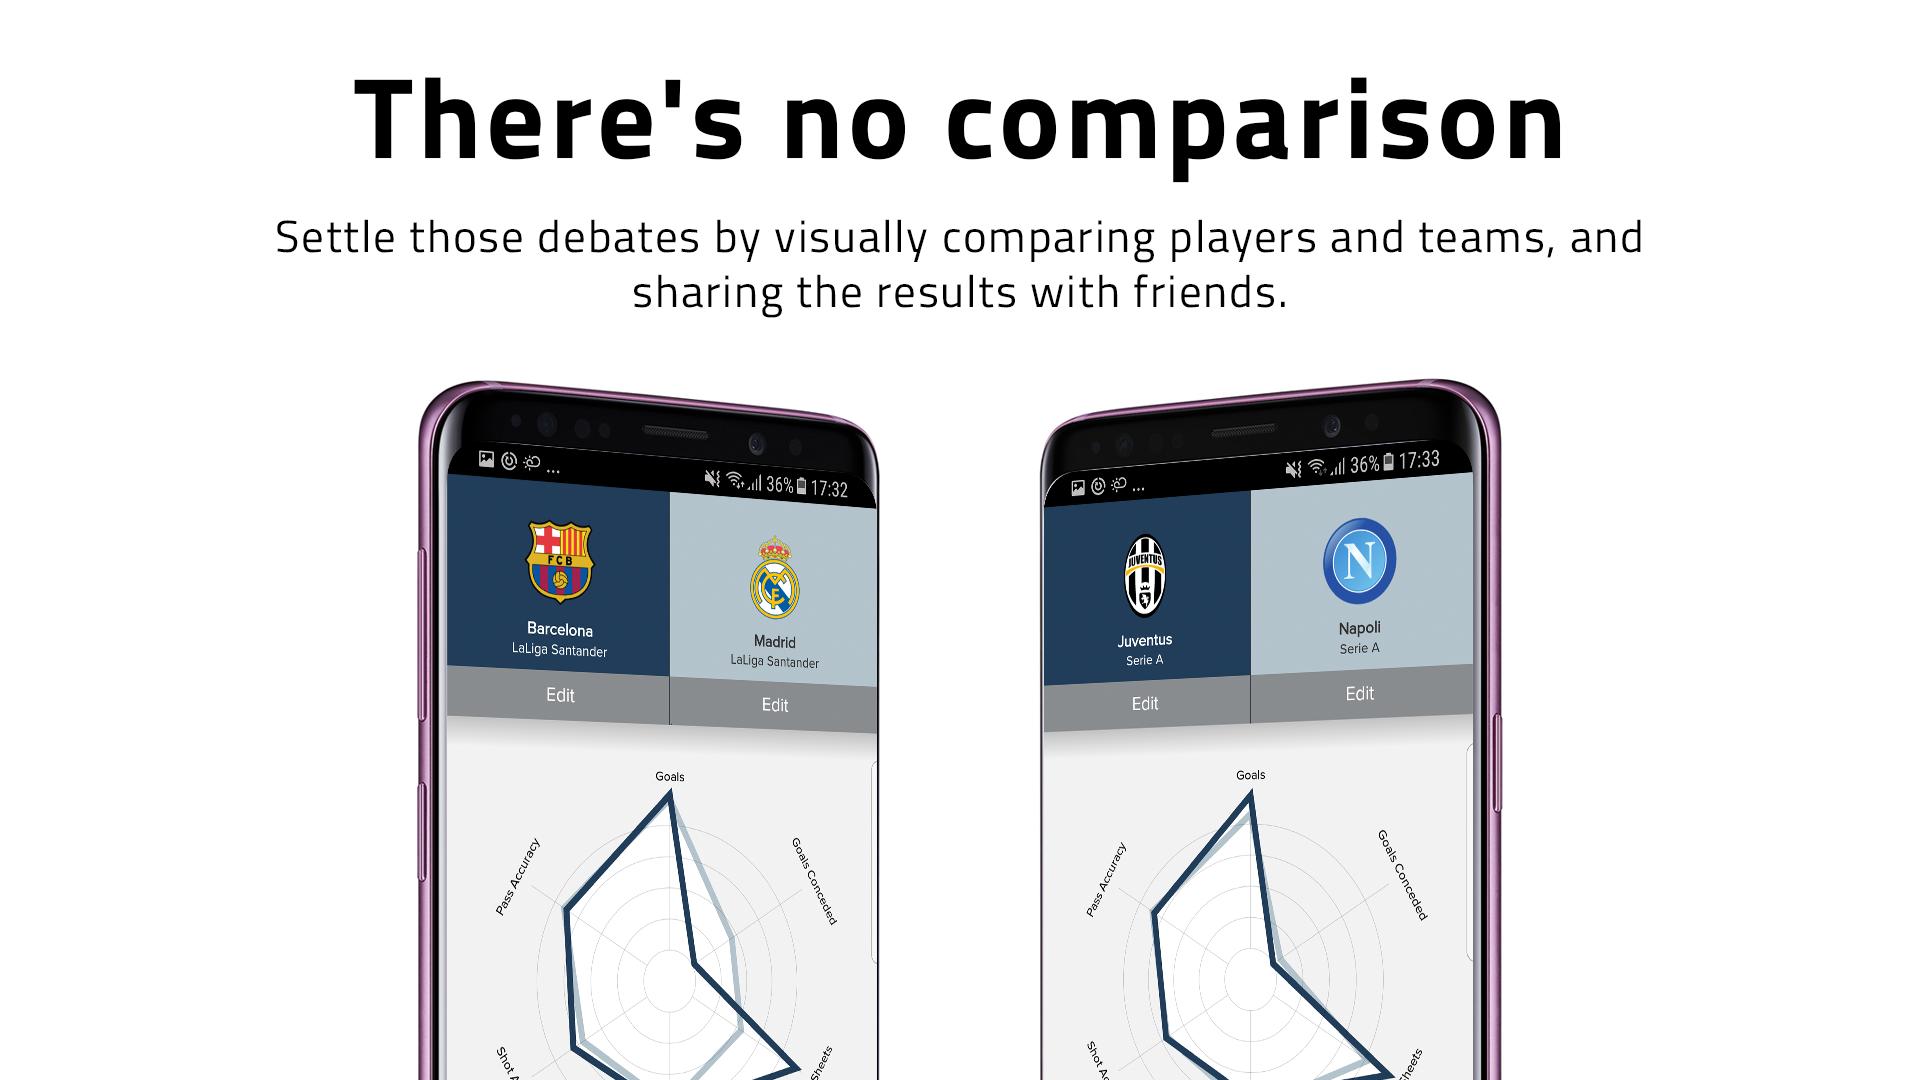 Samsung Goal+ S9 no comparrison